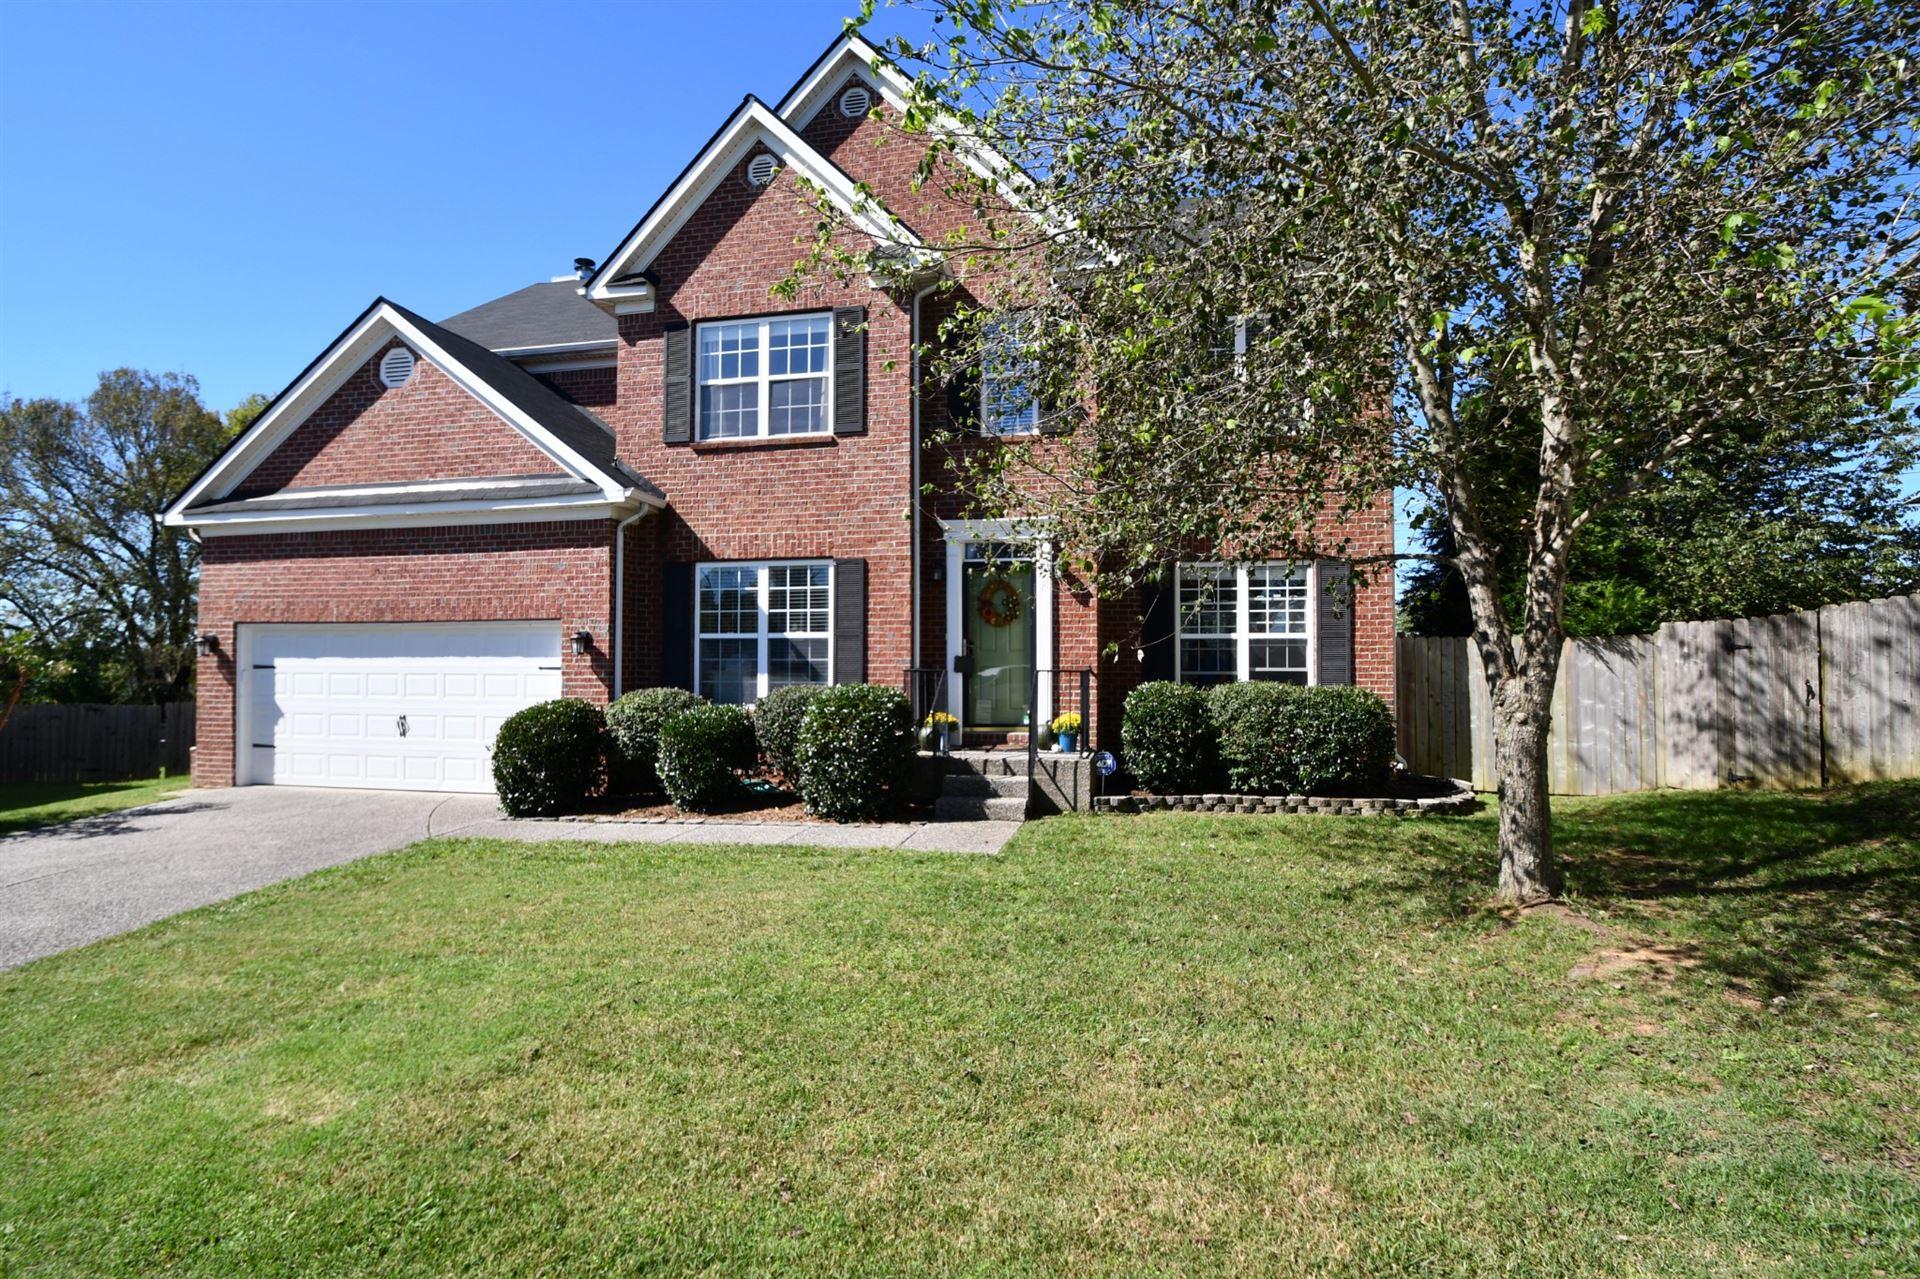 1022 Vanguard Dr, Spring Hill, TN 37174 - MLS#: 2194237